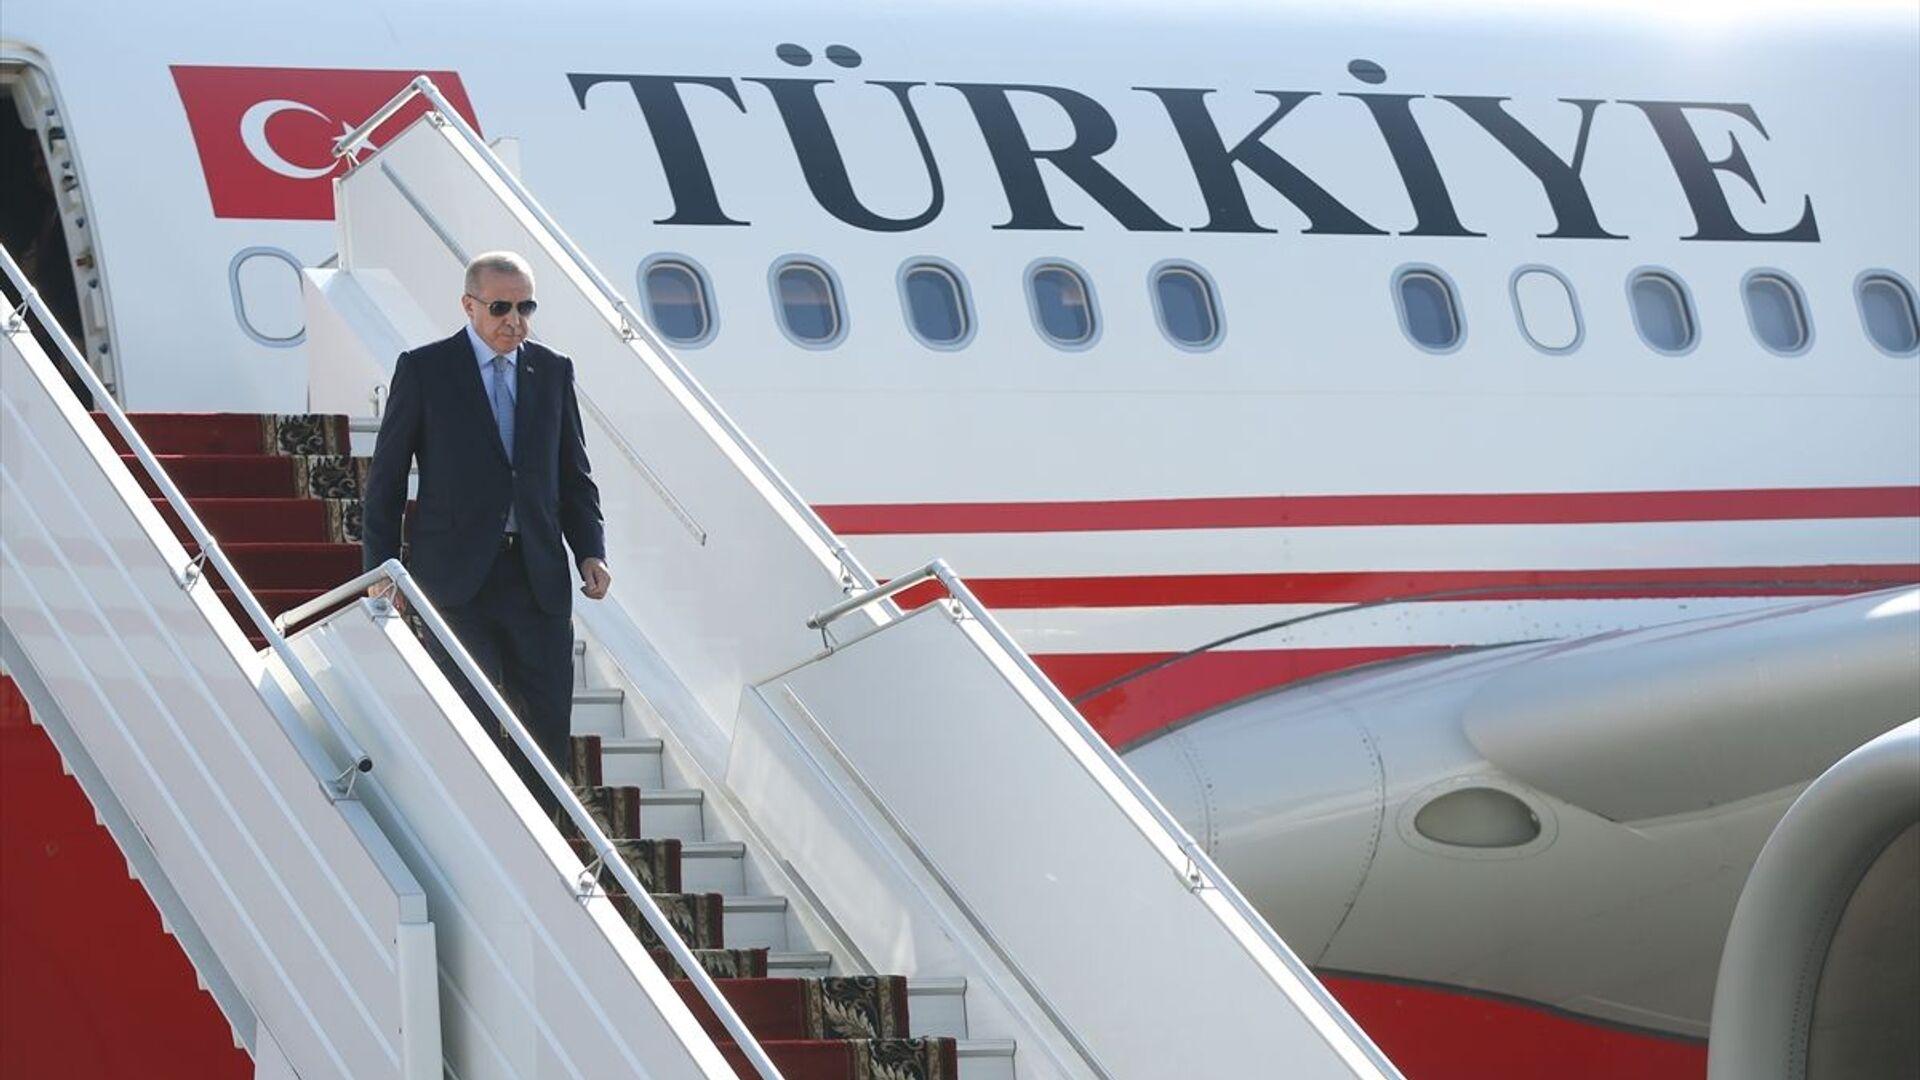 Türkiye Cumhurbaşkanı Recep Tayyip Erdoğan - Sputnik Türkiye, 1920, 18.09.2021